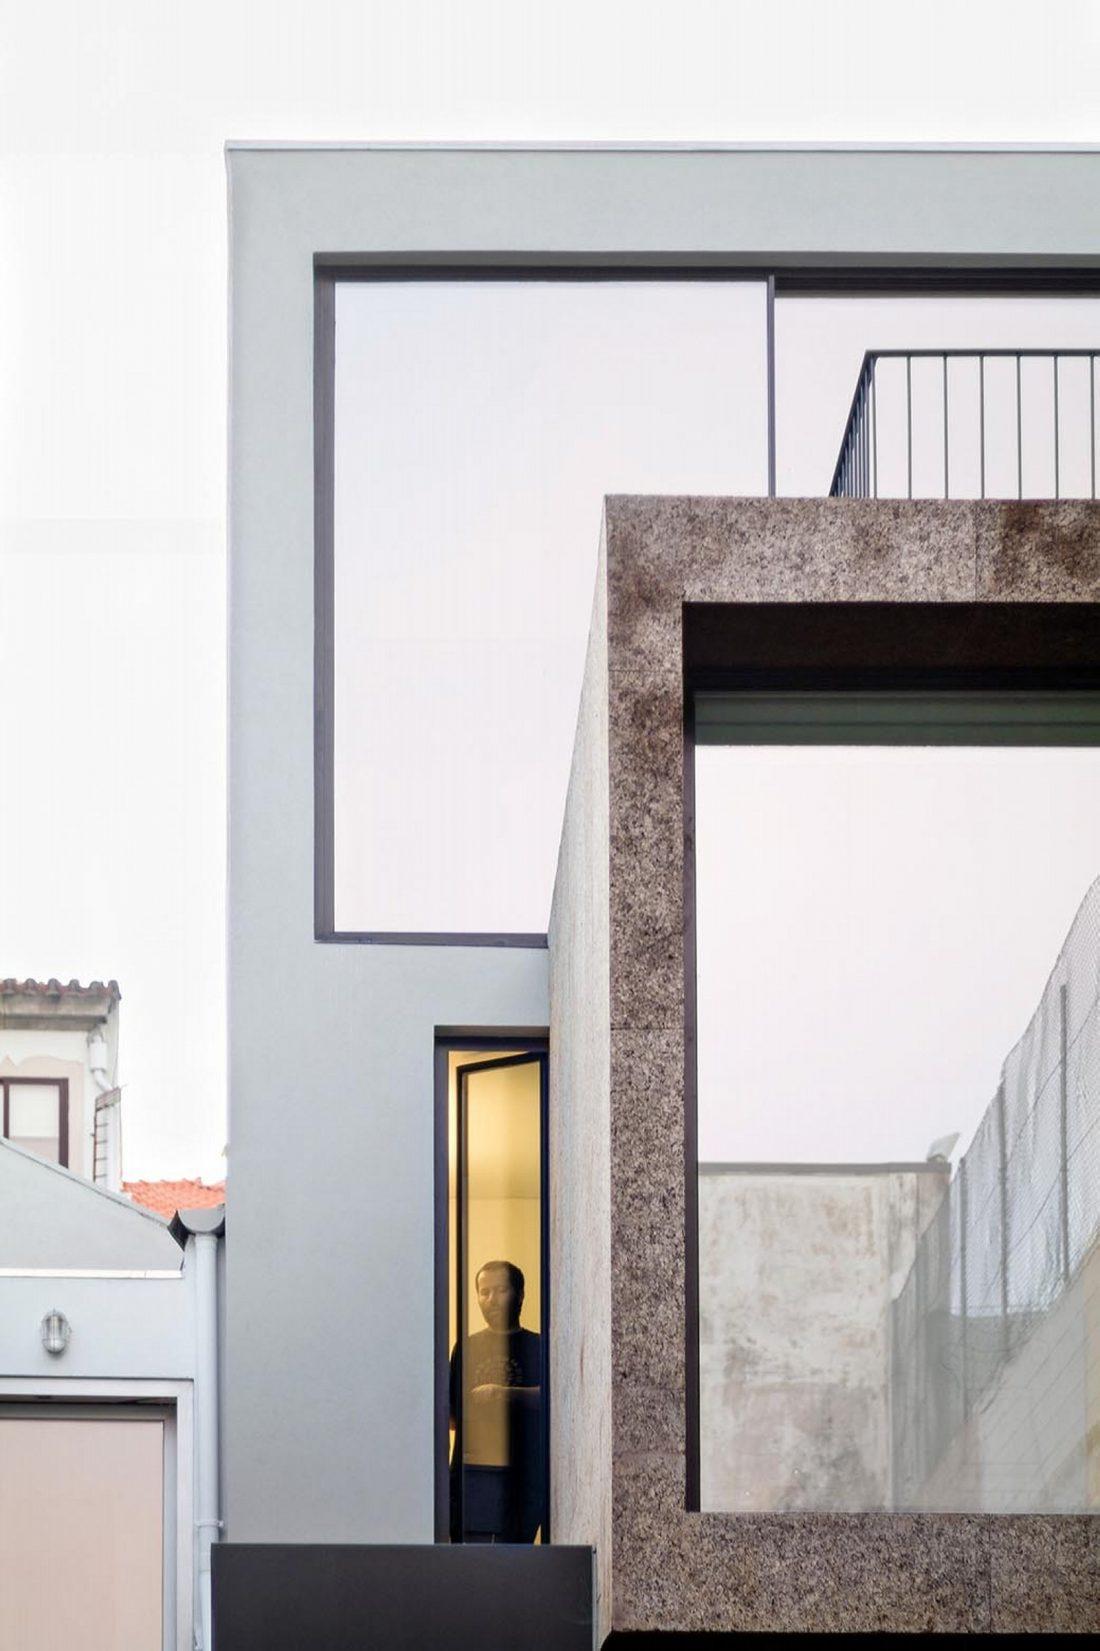 Реконструкция старинного дома Bonjardim House в Португалии по проекту ATKA arquitectos 3